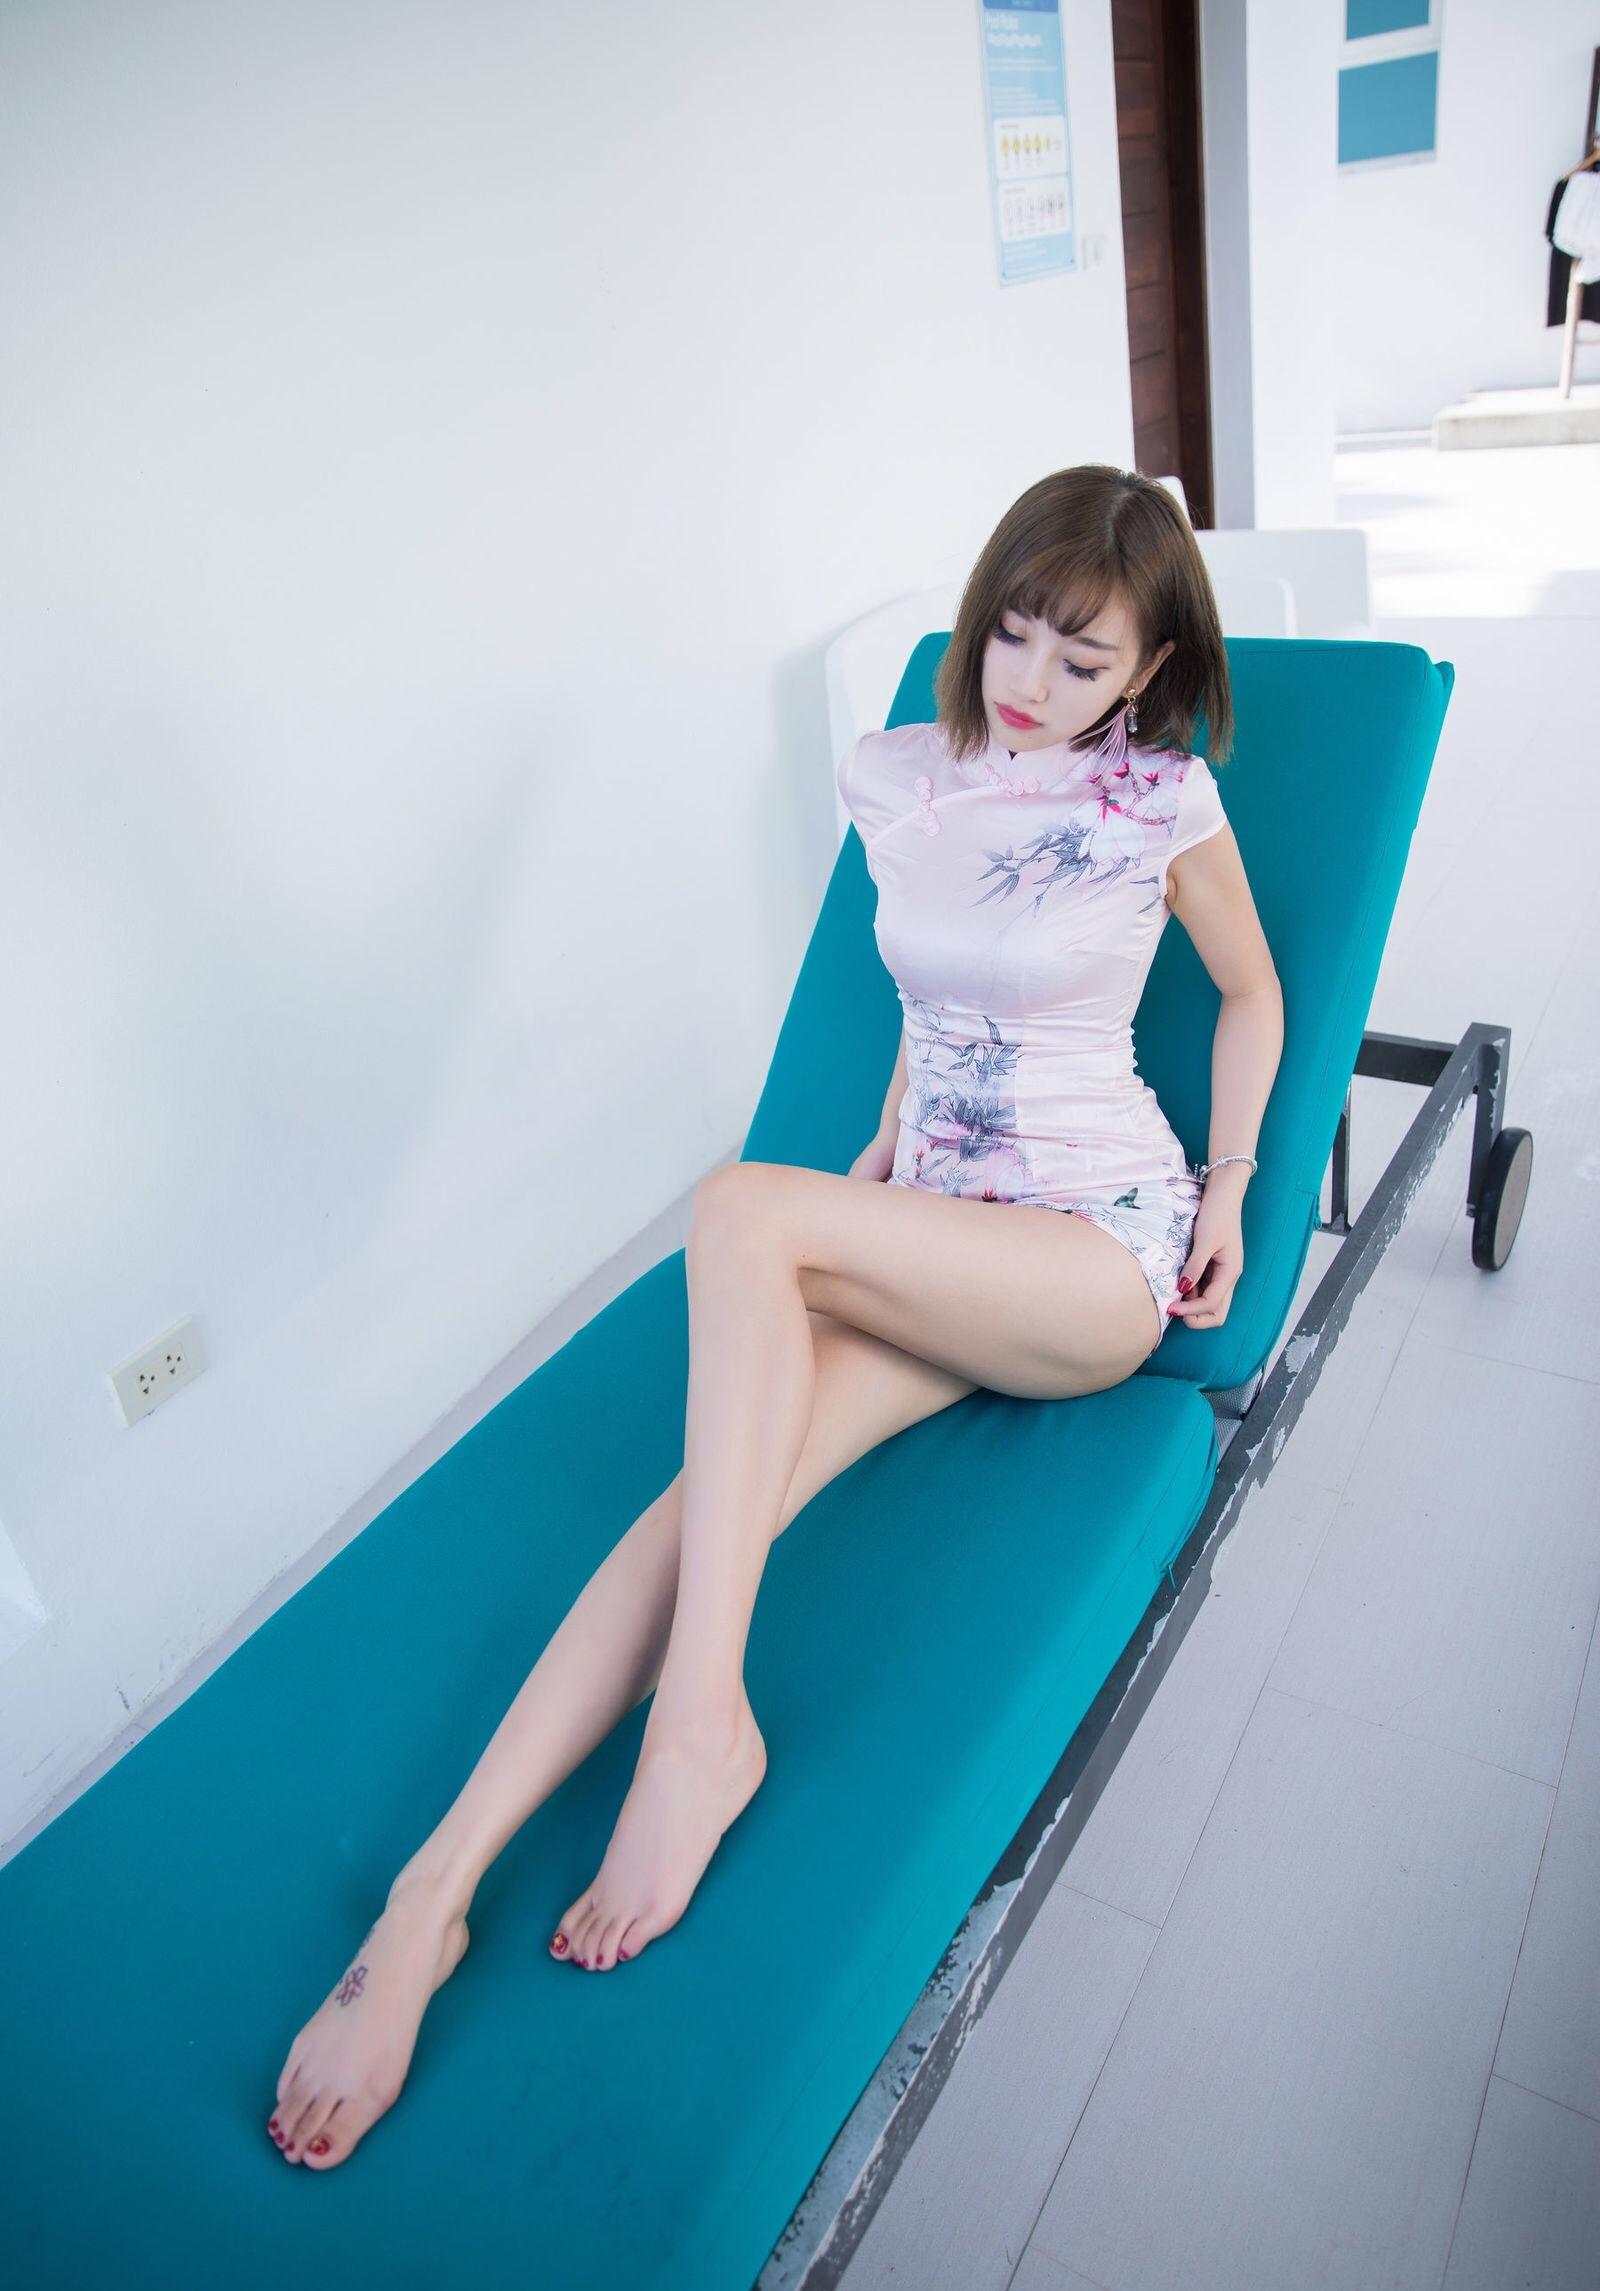 台湾美女sugarの色気のあるチャイナドレス姿 5